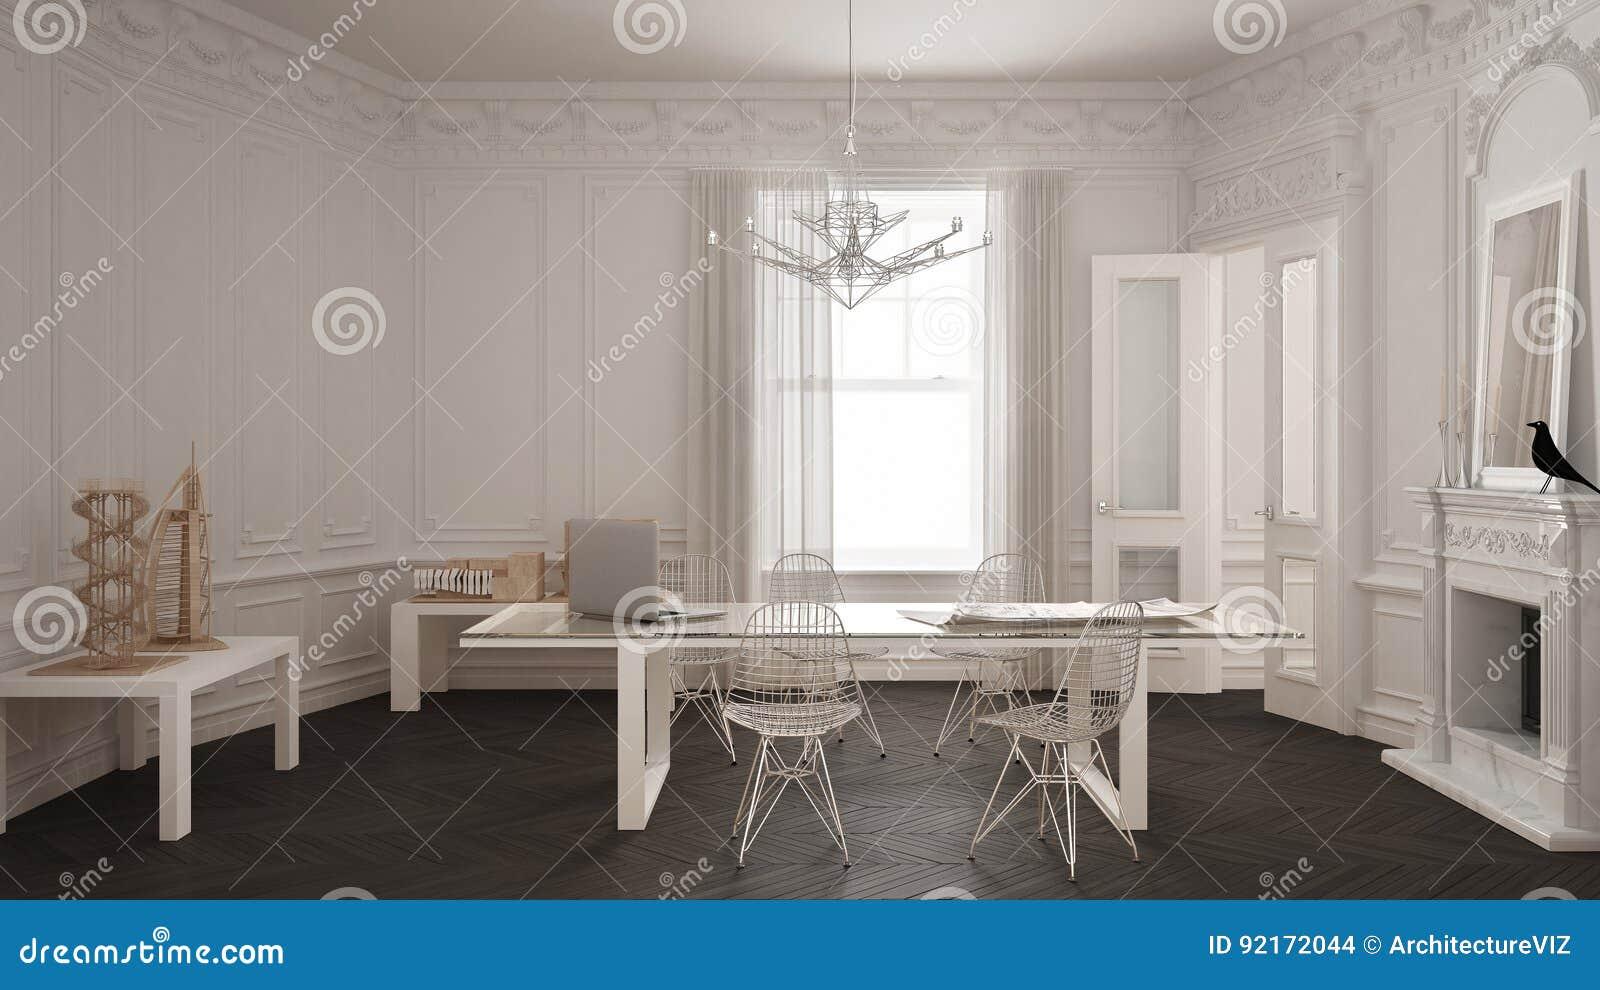 Ufficio Bianco E Grigio : Ufficio minimalista moderno nella stanza dannata classica con il